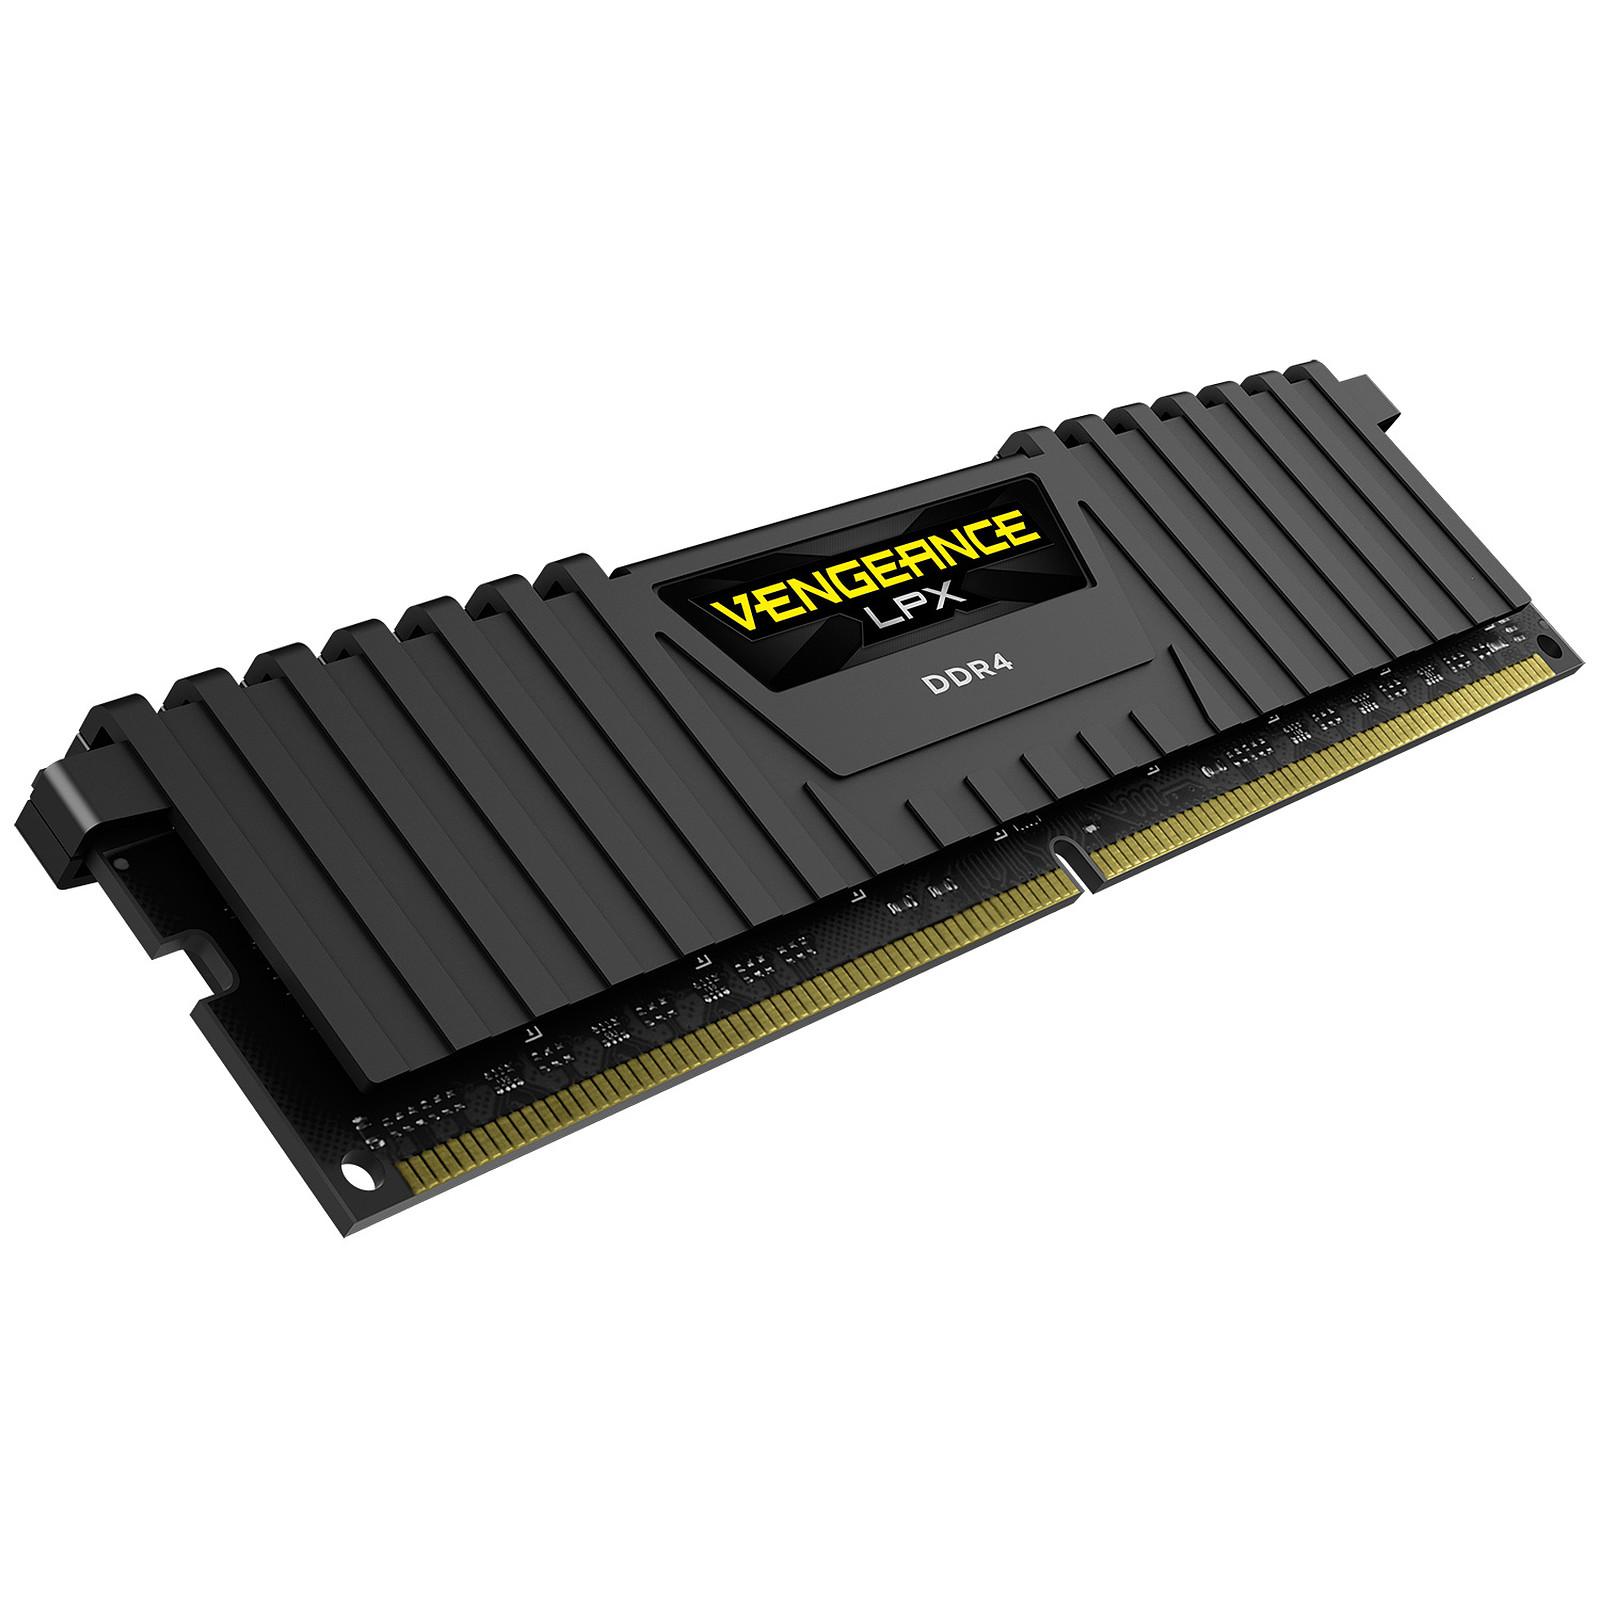 Mémoire Corsair Vengeance LPX Series Low Profile kit 2x 8 Go DDR4 3200 MHz CL16, informatique Reunion 974, Futur Réunion informatique